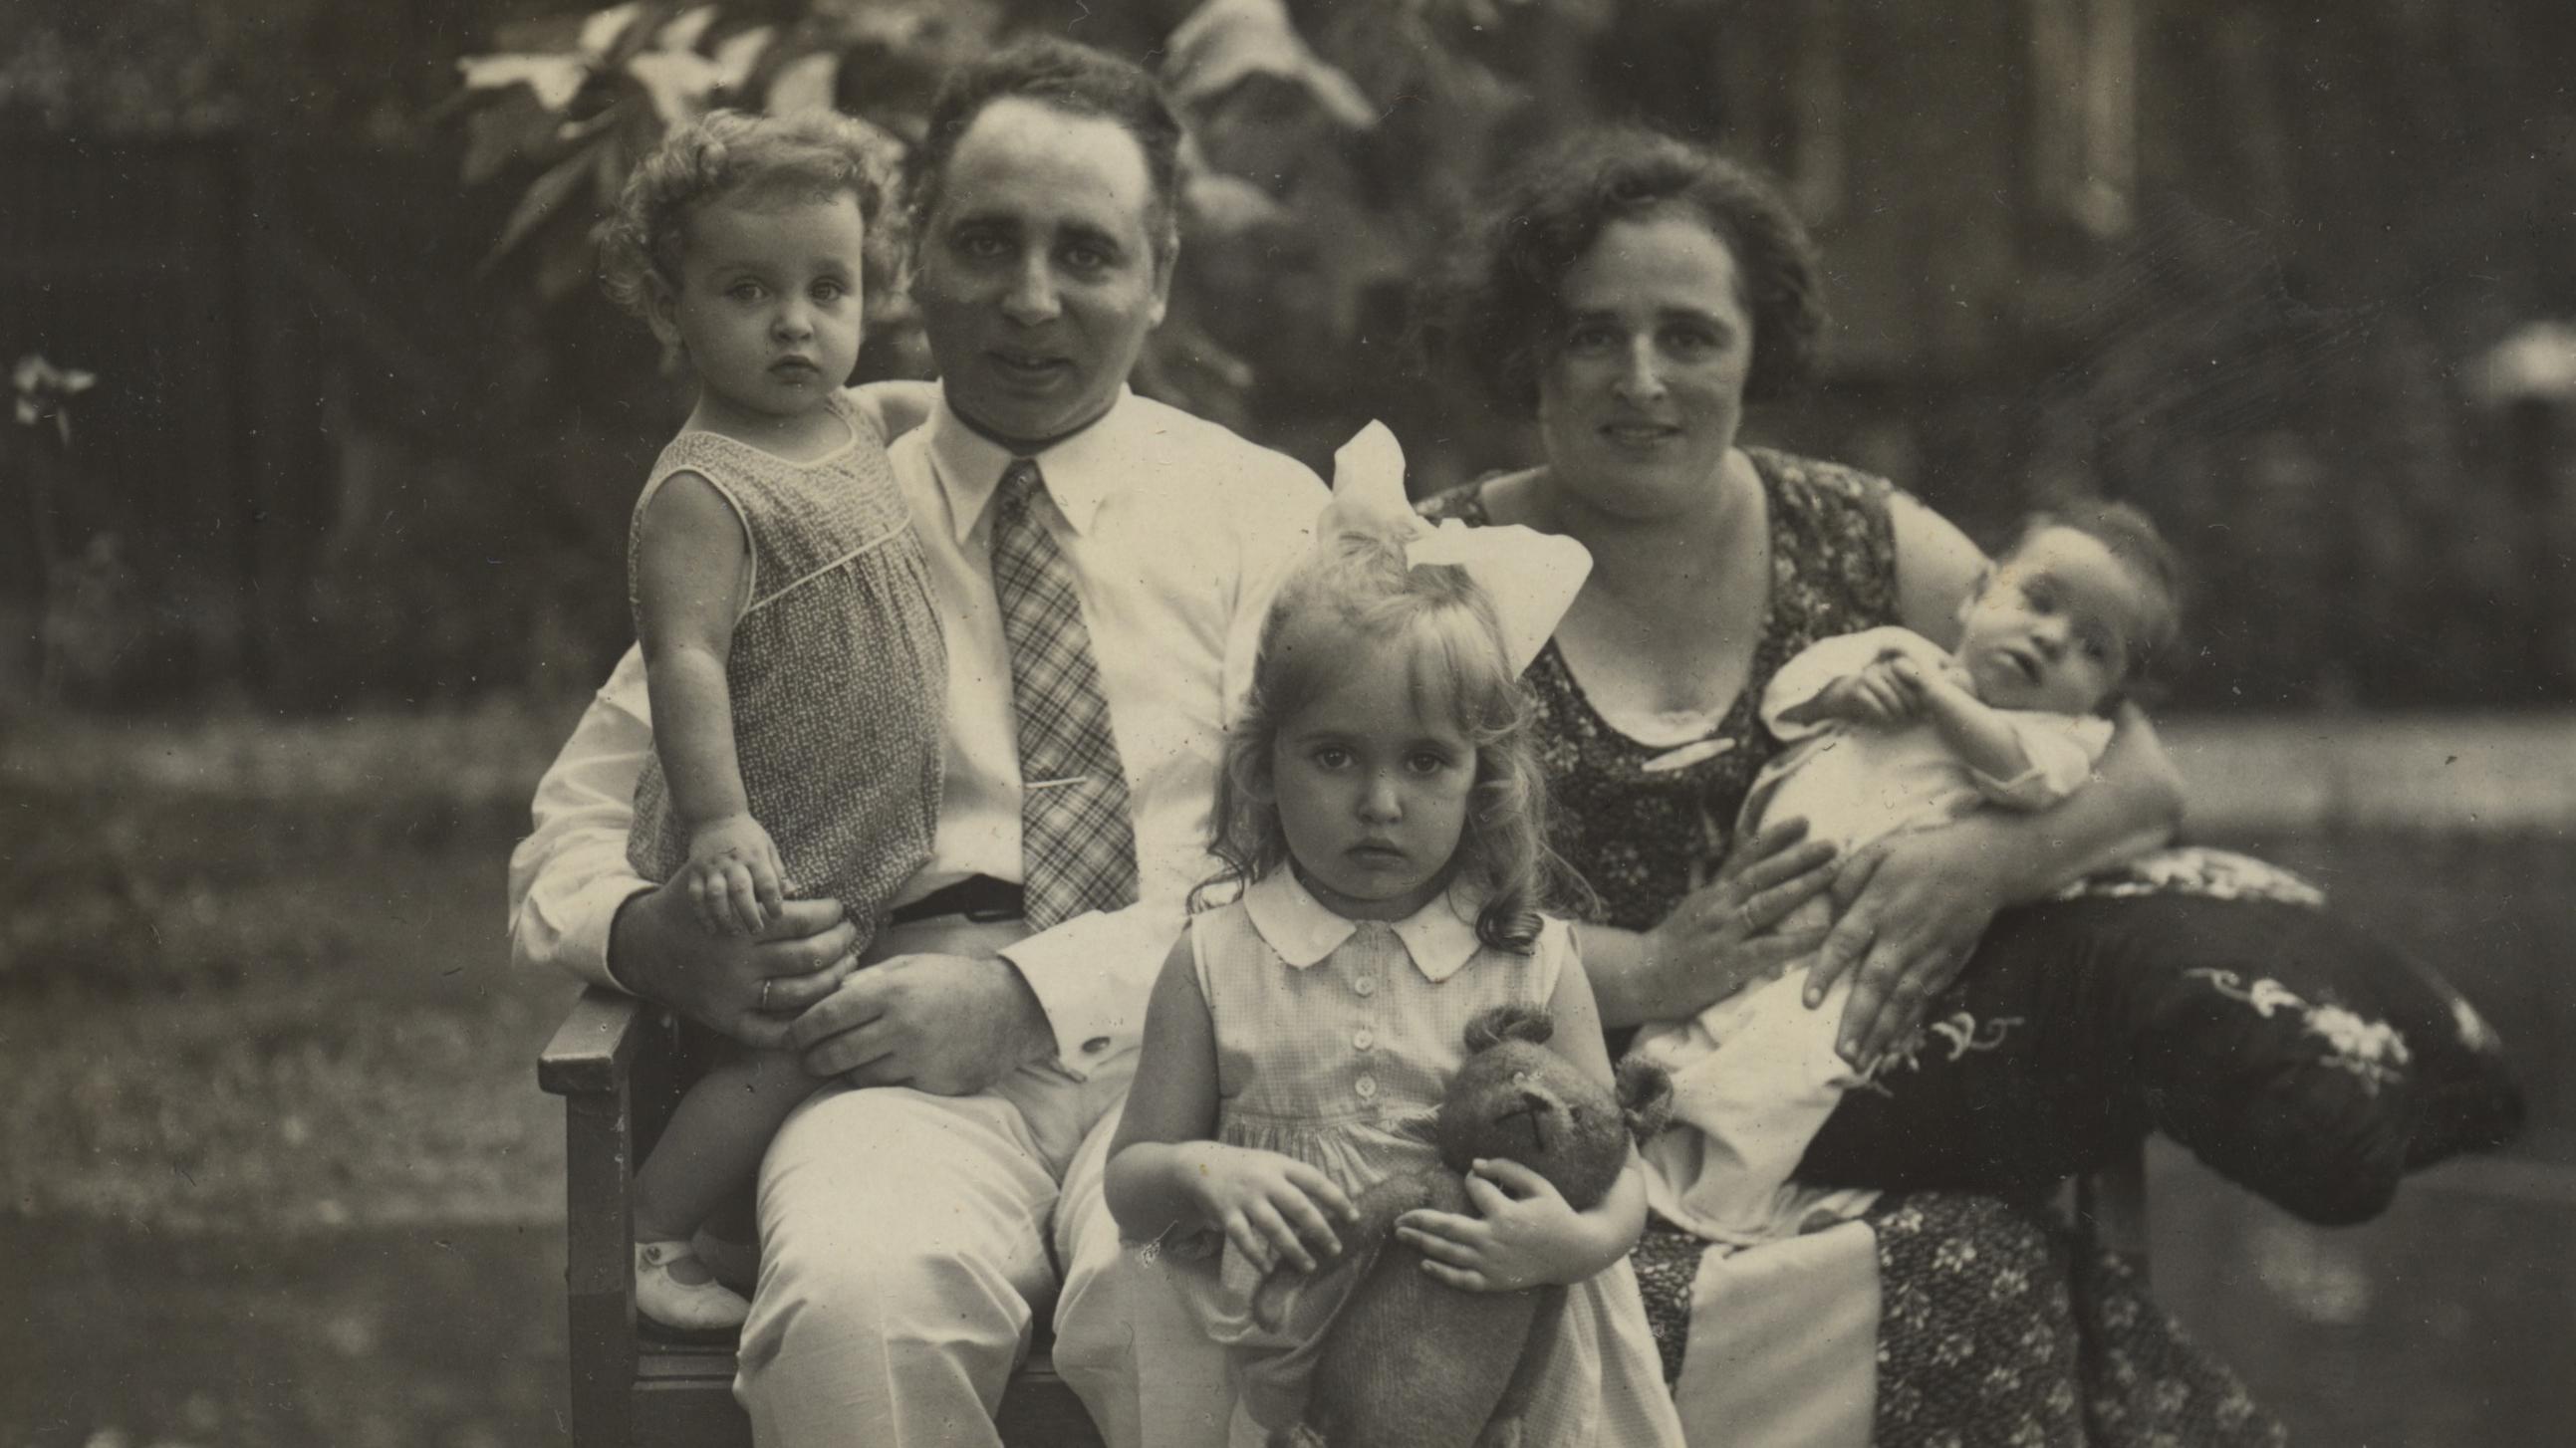 (Center Front) Mirjam Geismar de Zoete; (Center Left) father Chaim de Zoete, with daughter Judith; (Center Right) mother Sophia de Zoete, with daughter Hadassah.